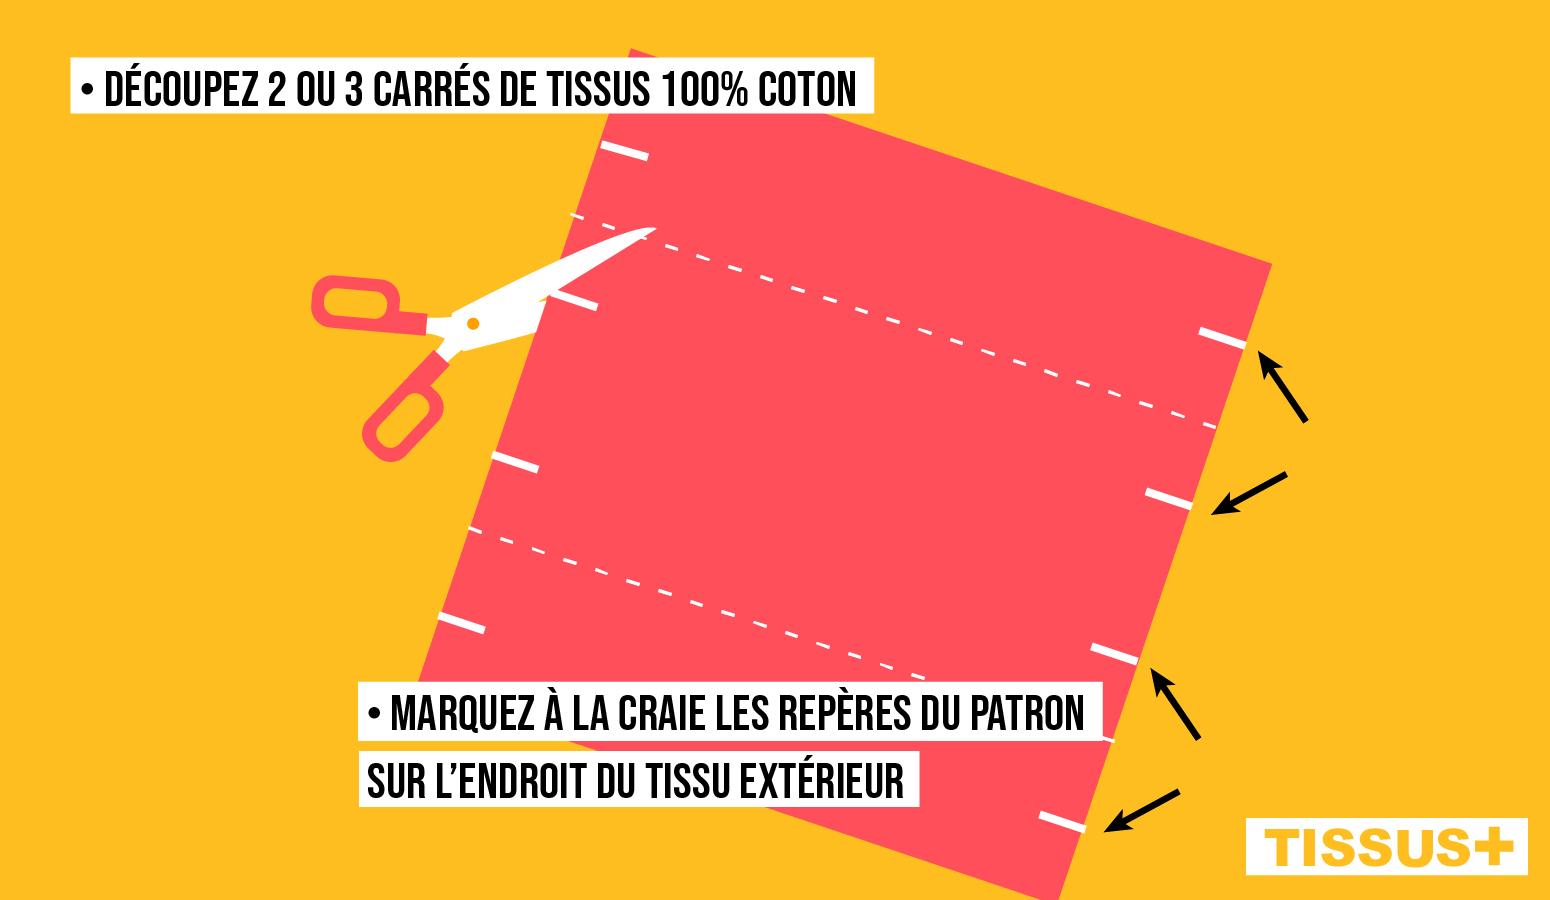 Découpez 2 ou 3 carrés de tissu puis marquez les repères à la craie